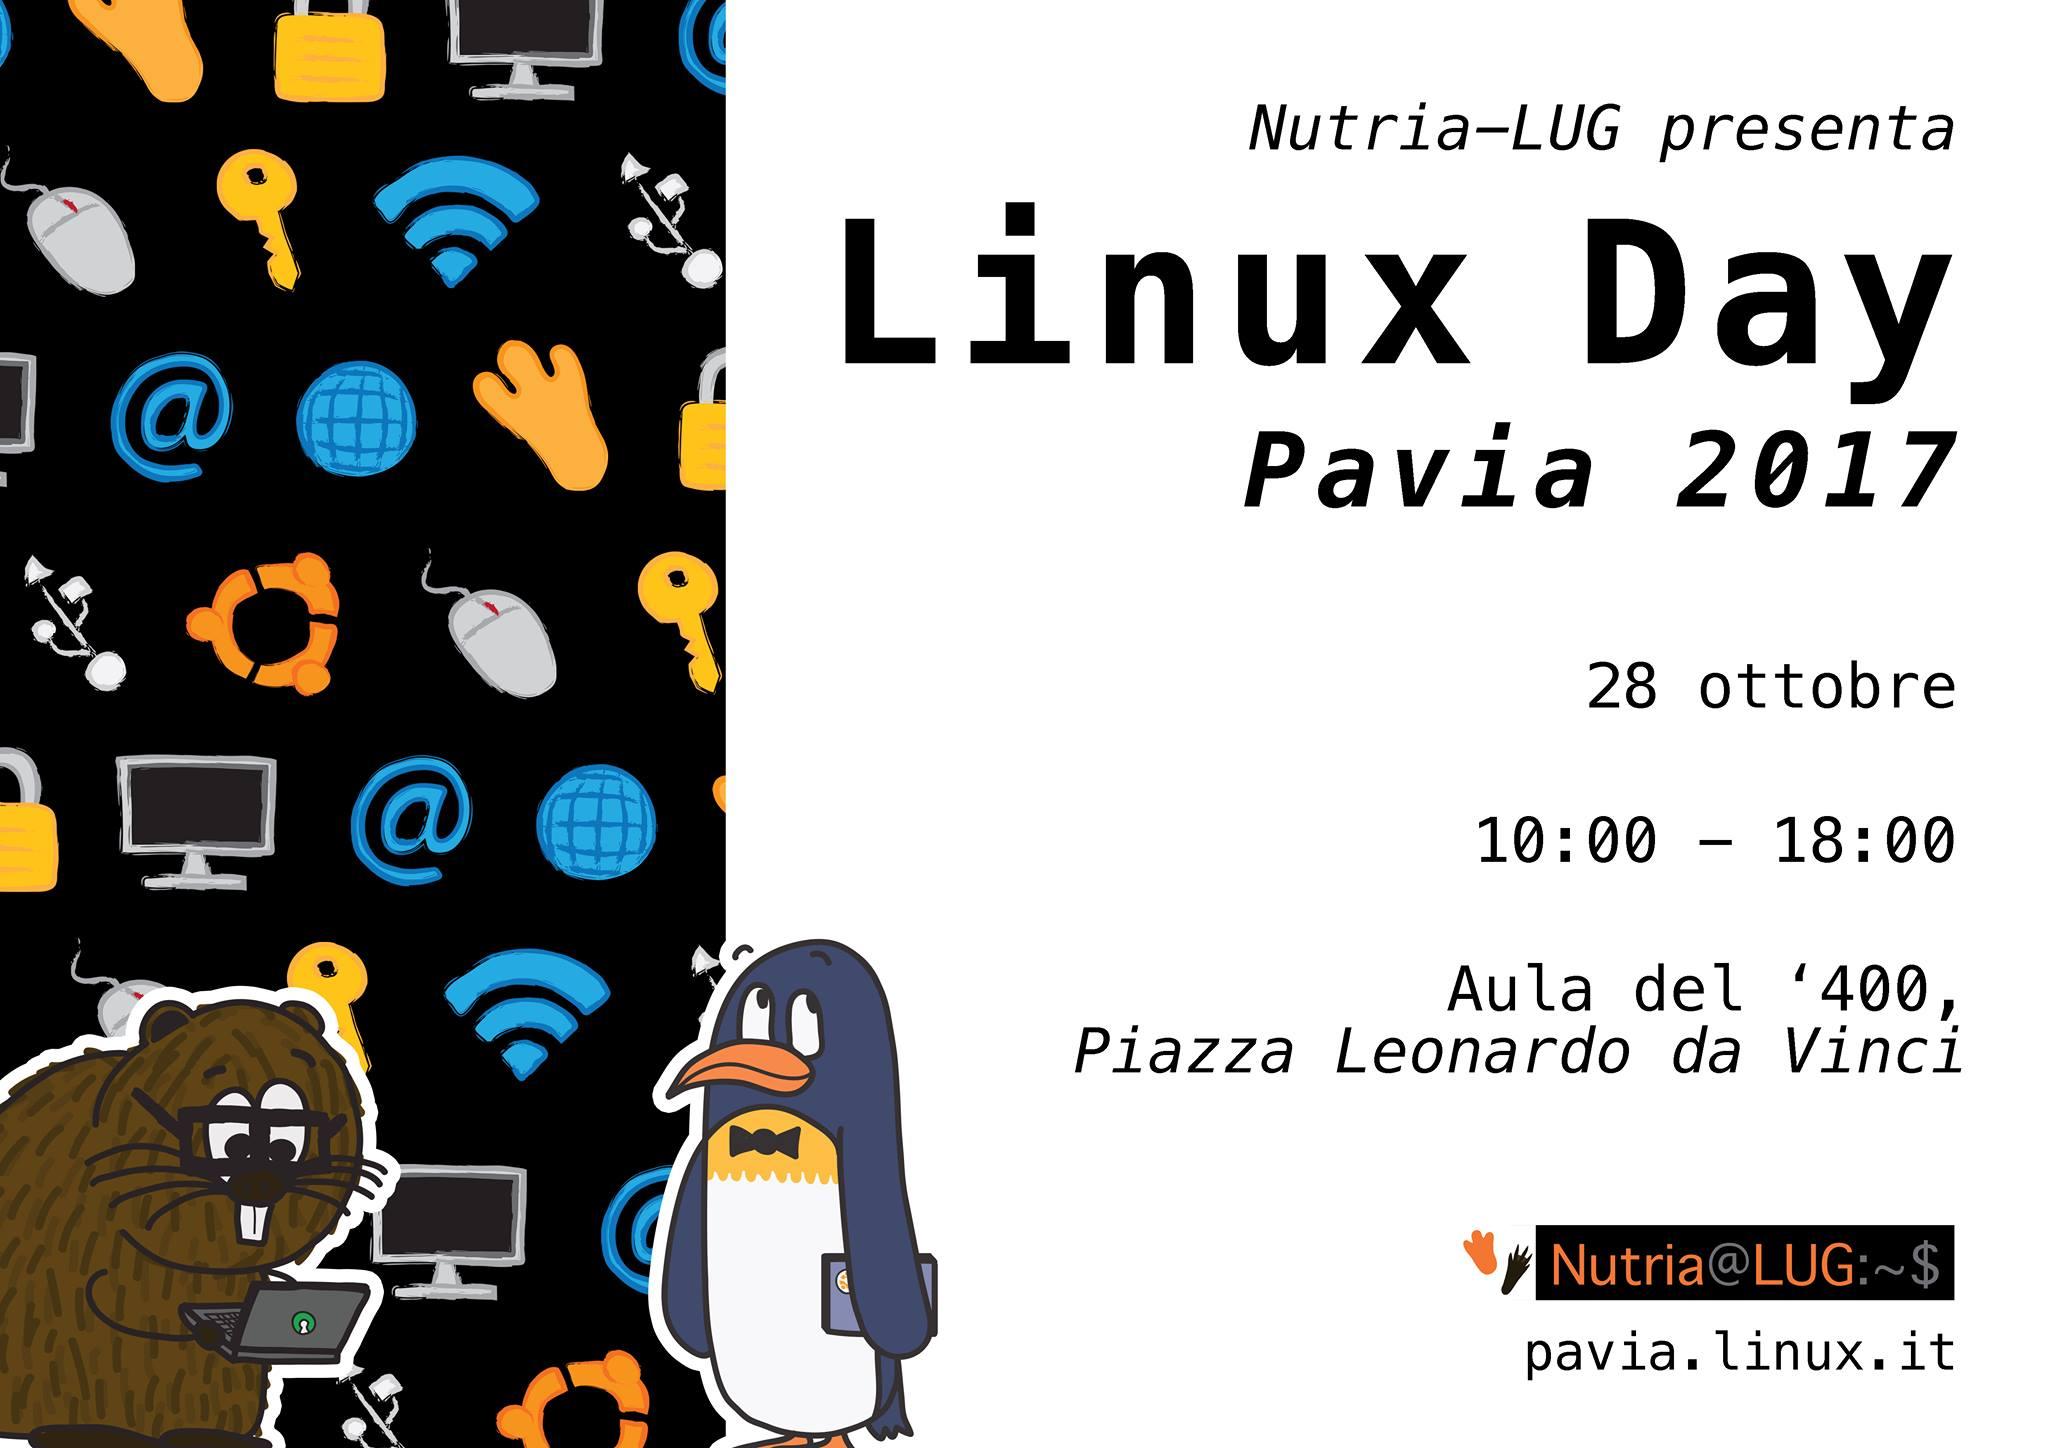 Linux Day 2017 - Nutria LUG